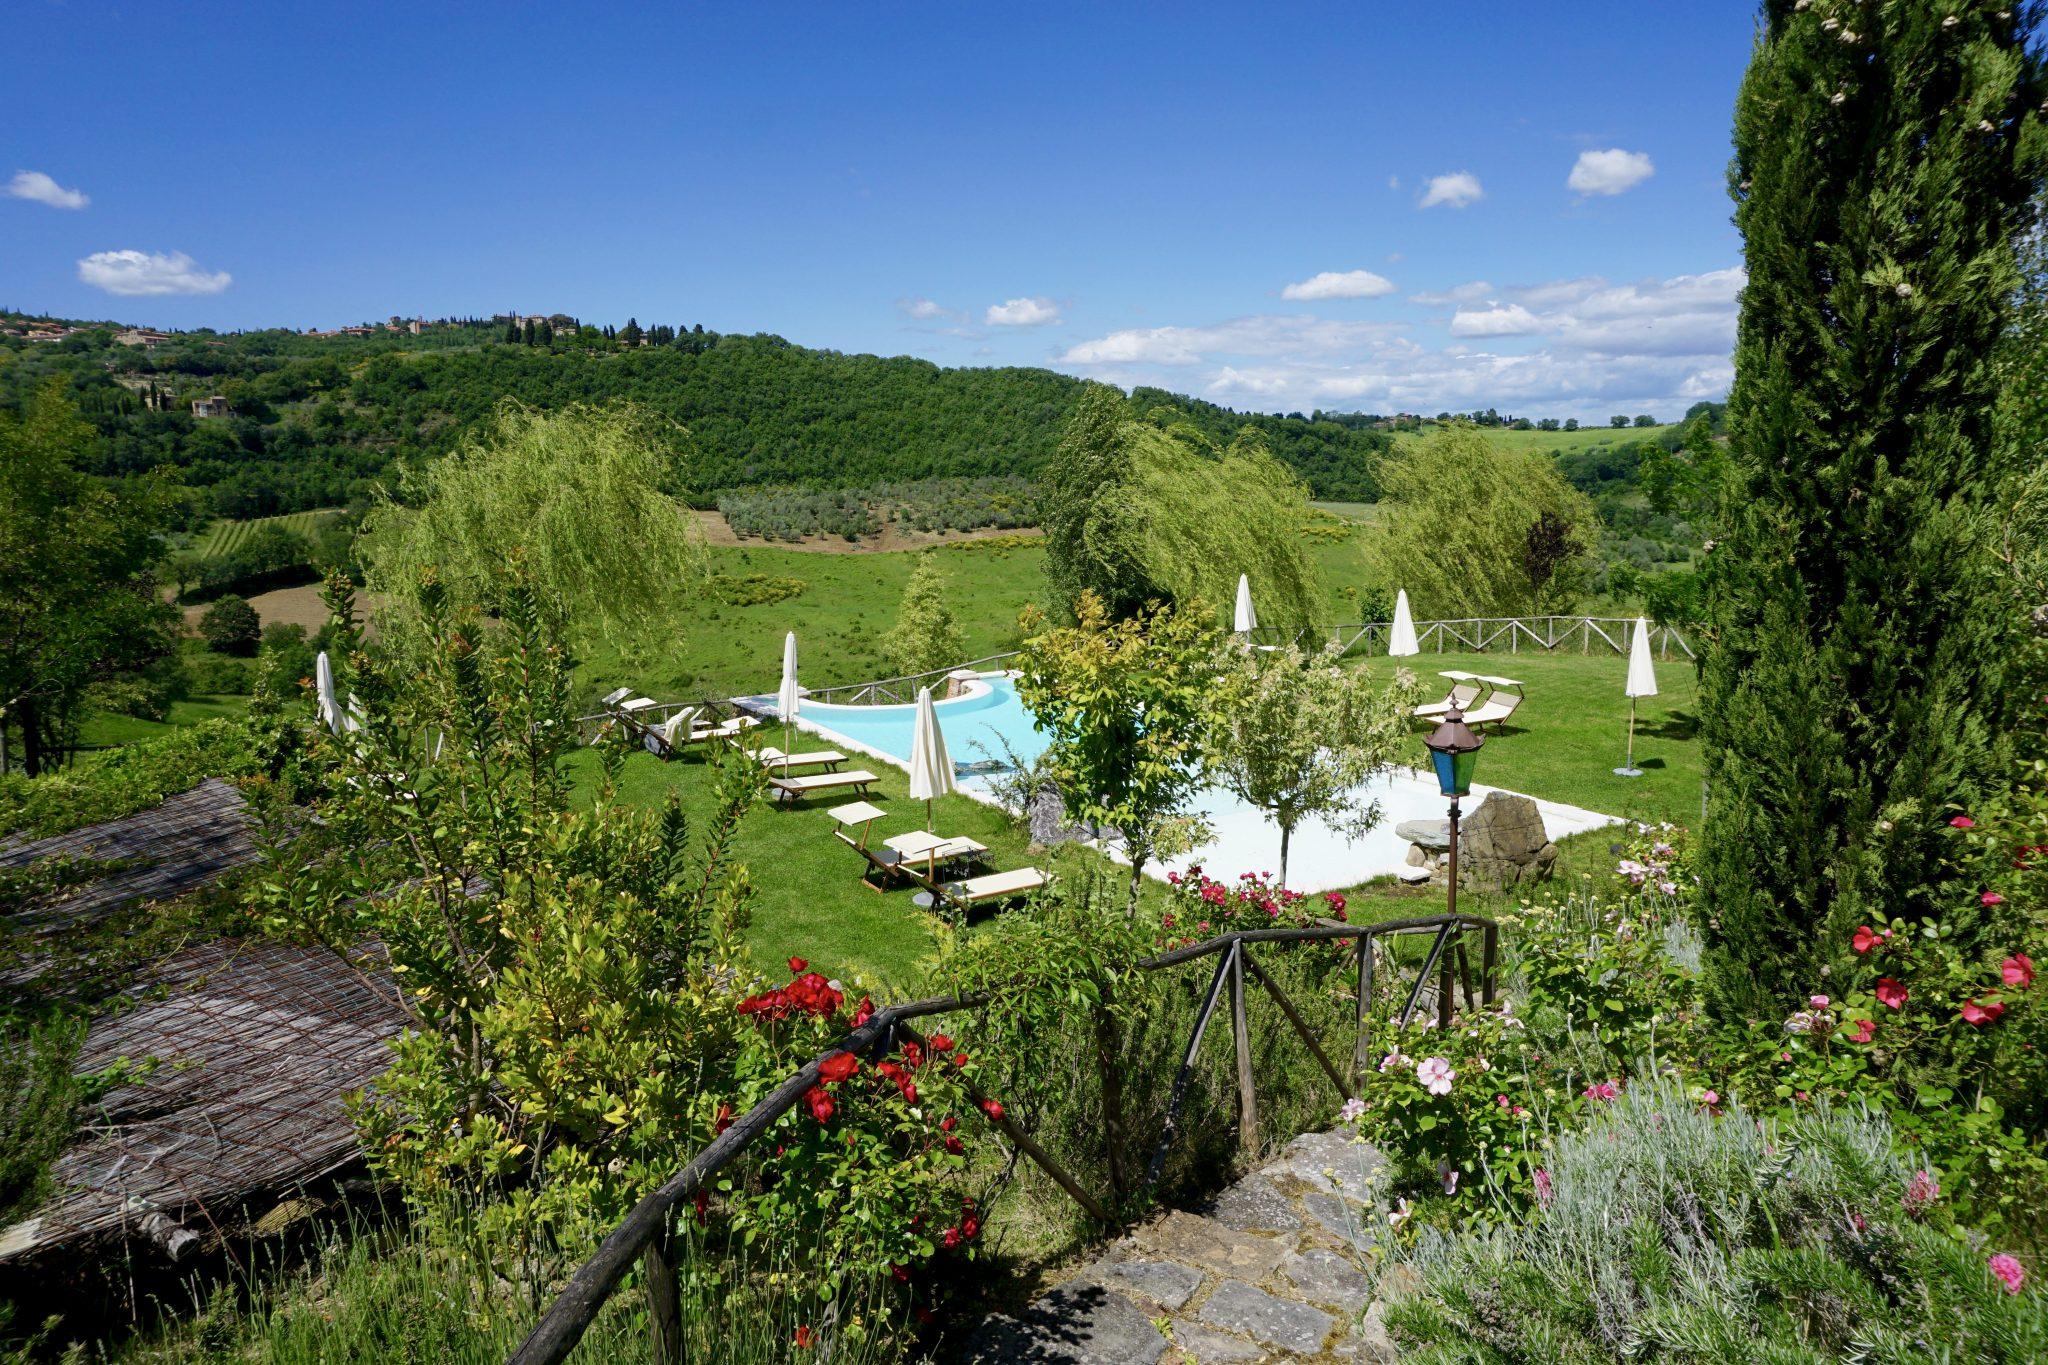 hotel lupaia pool, tuscany, italy